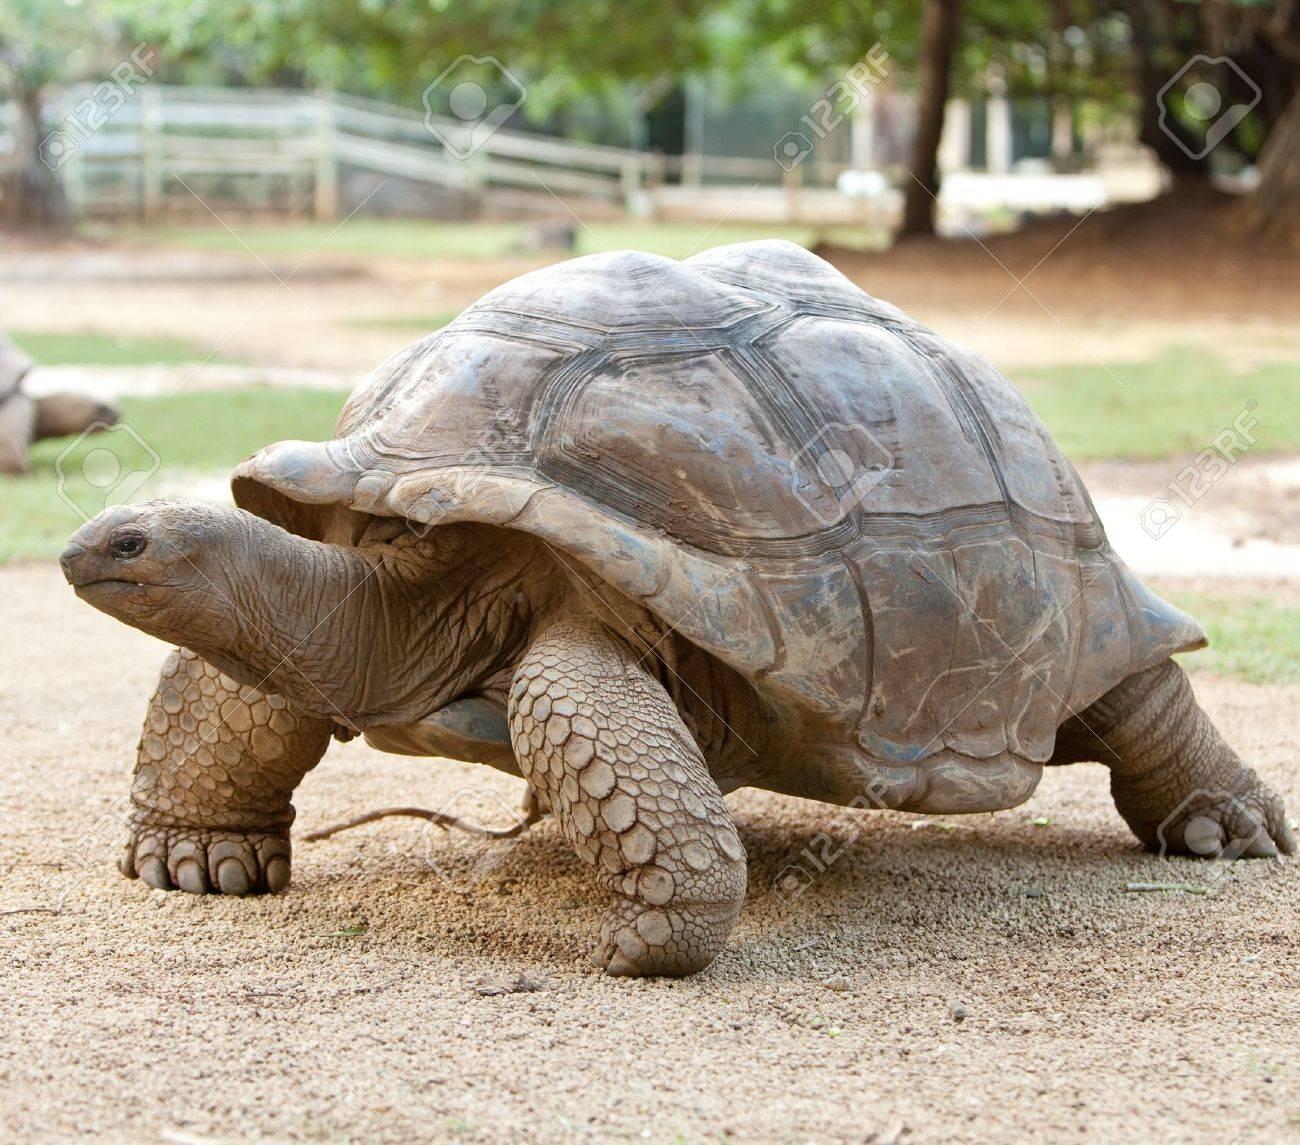 Large turtle Stock Photo - 13718101